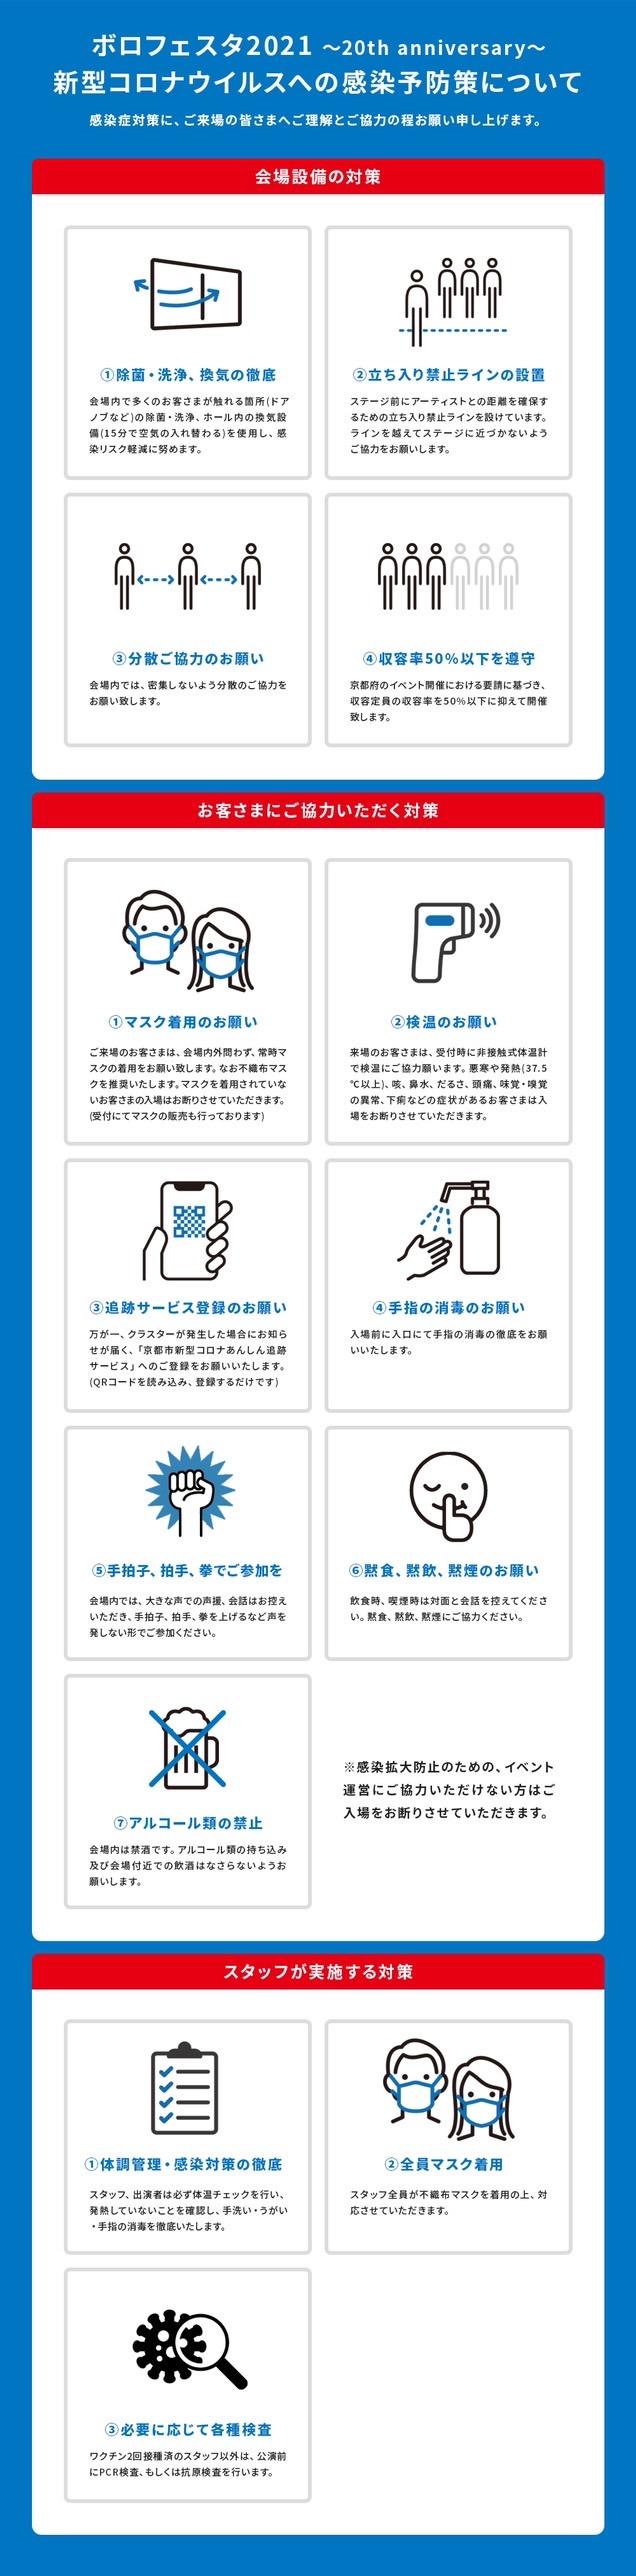 新型コロナウイルス感染予防策について